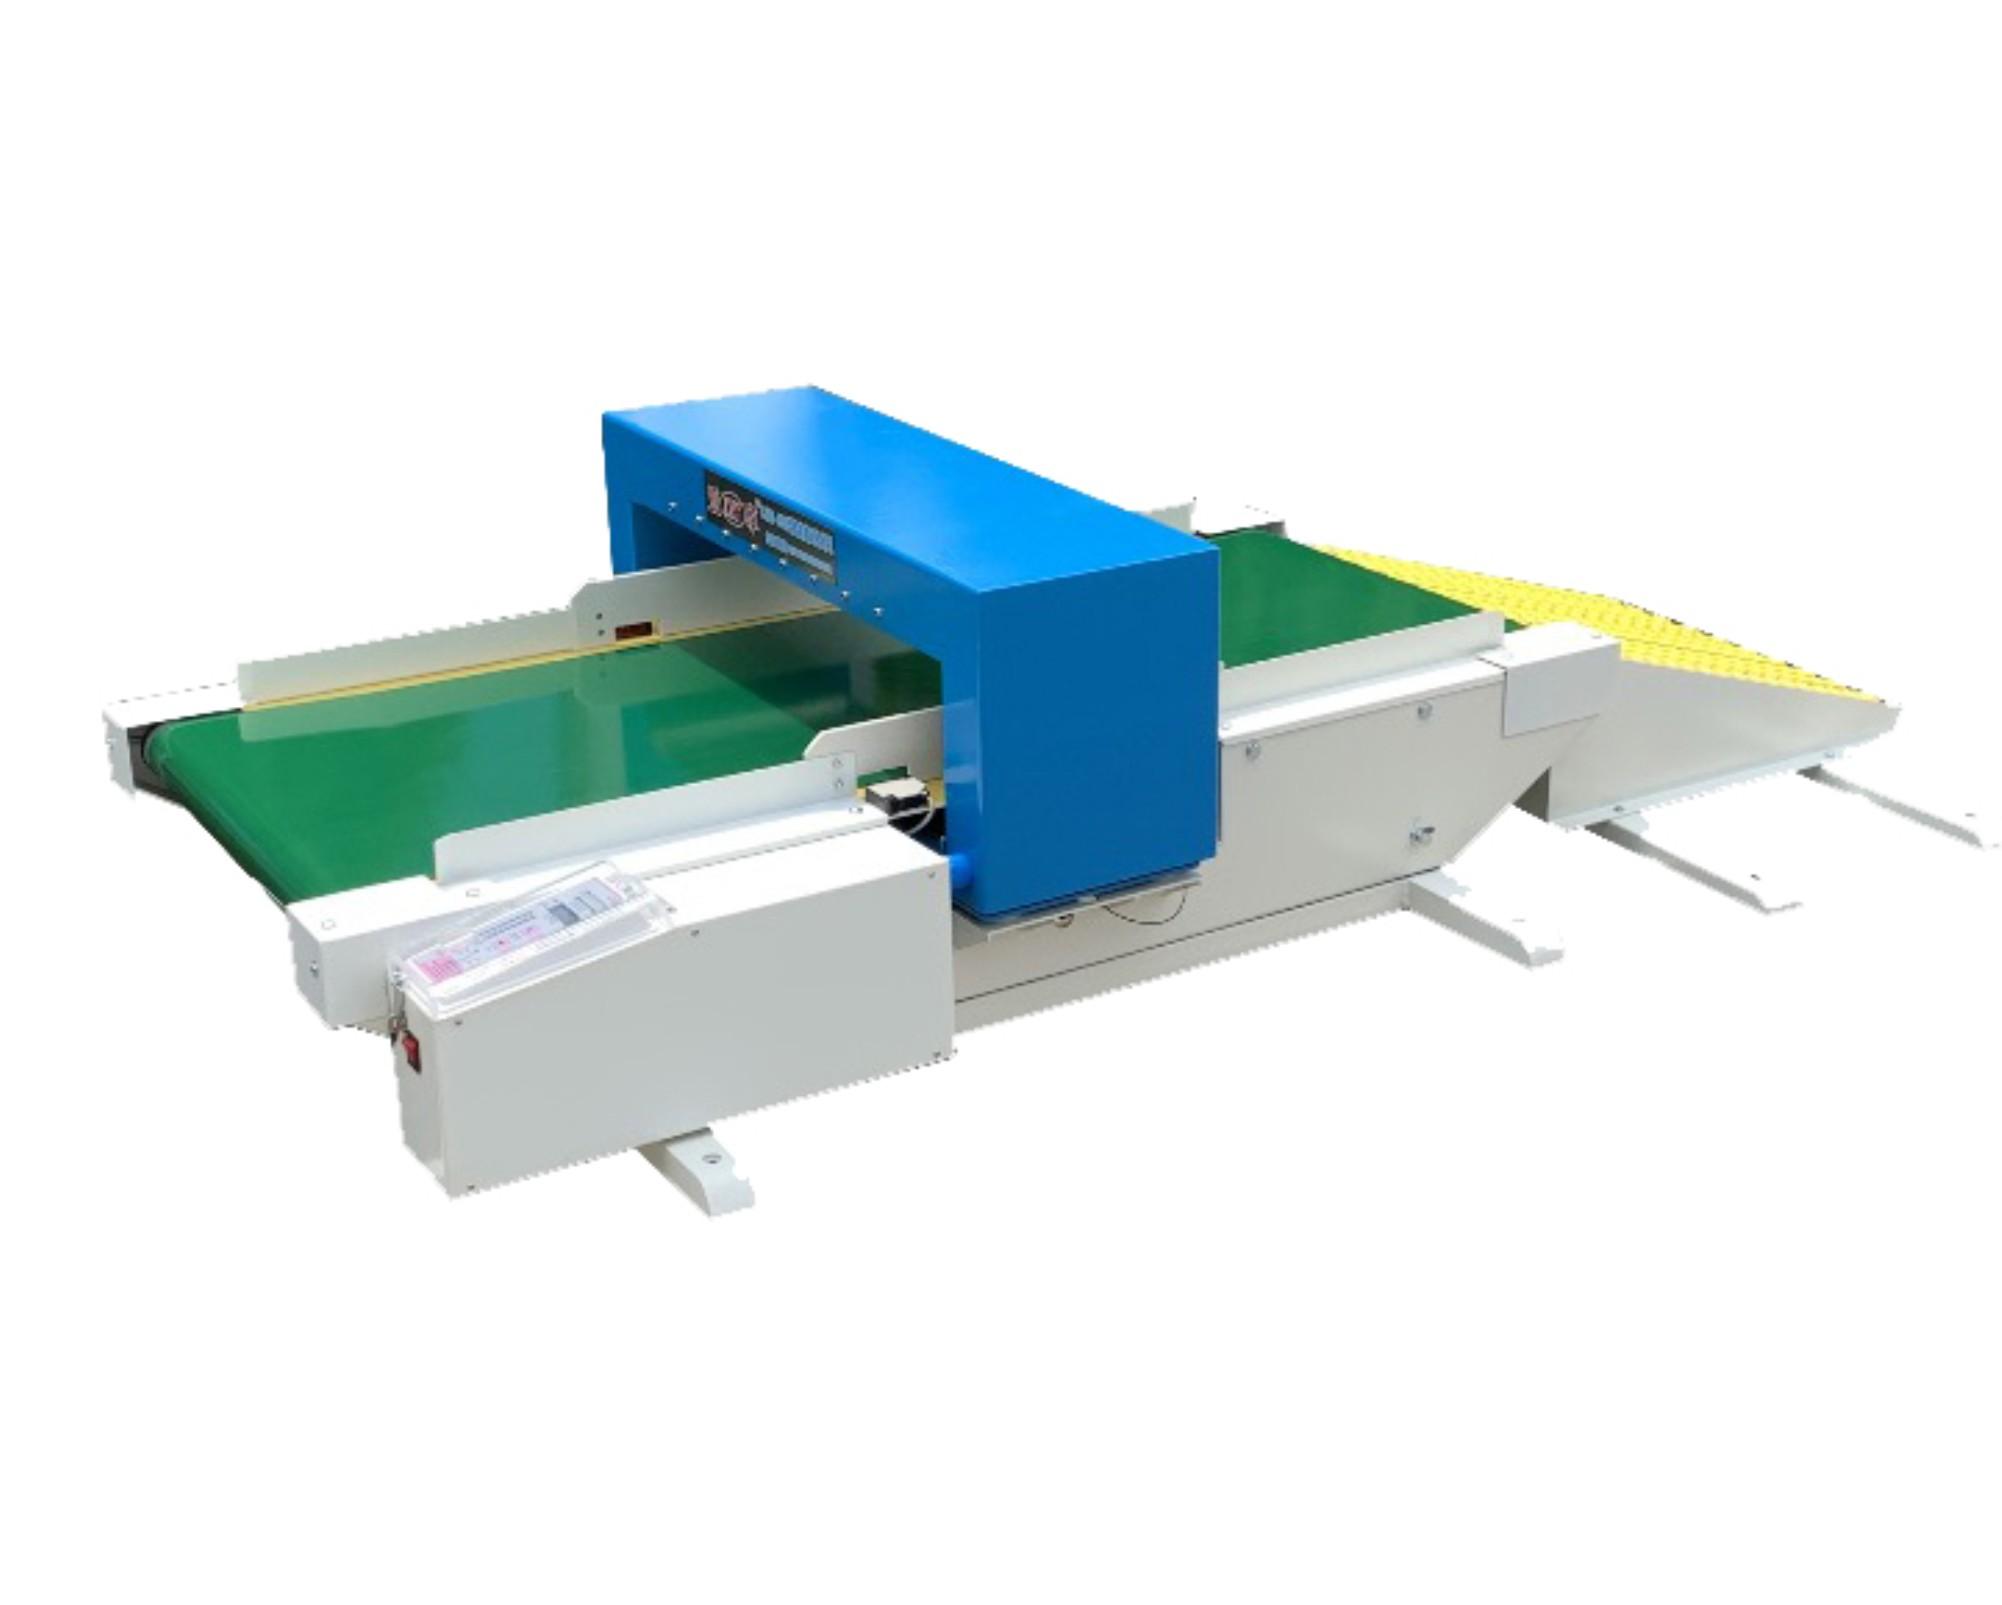 亚享SJ20-650 智能数码检针机(运动鞋工厂流水专用检针机)